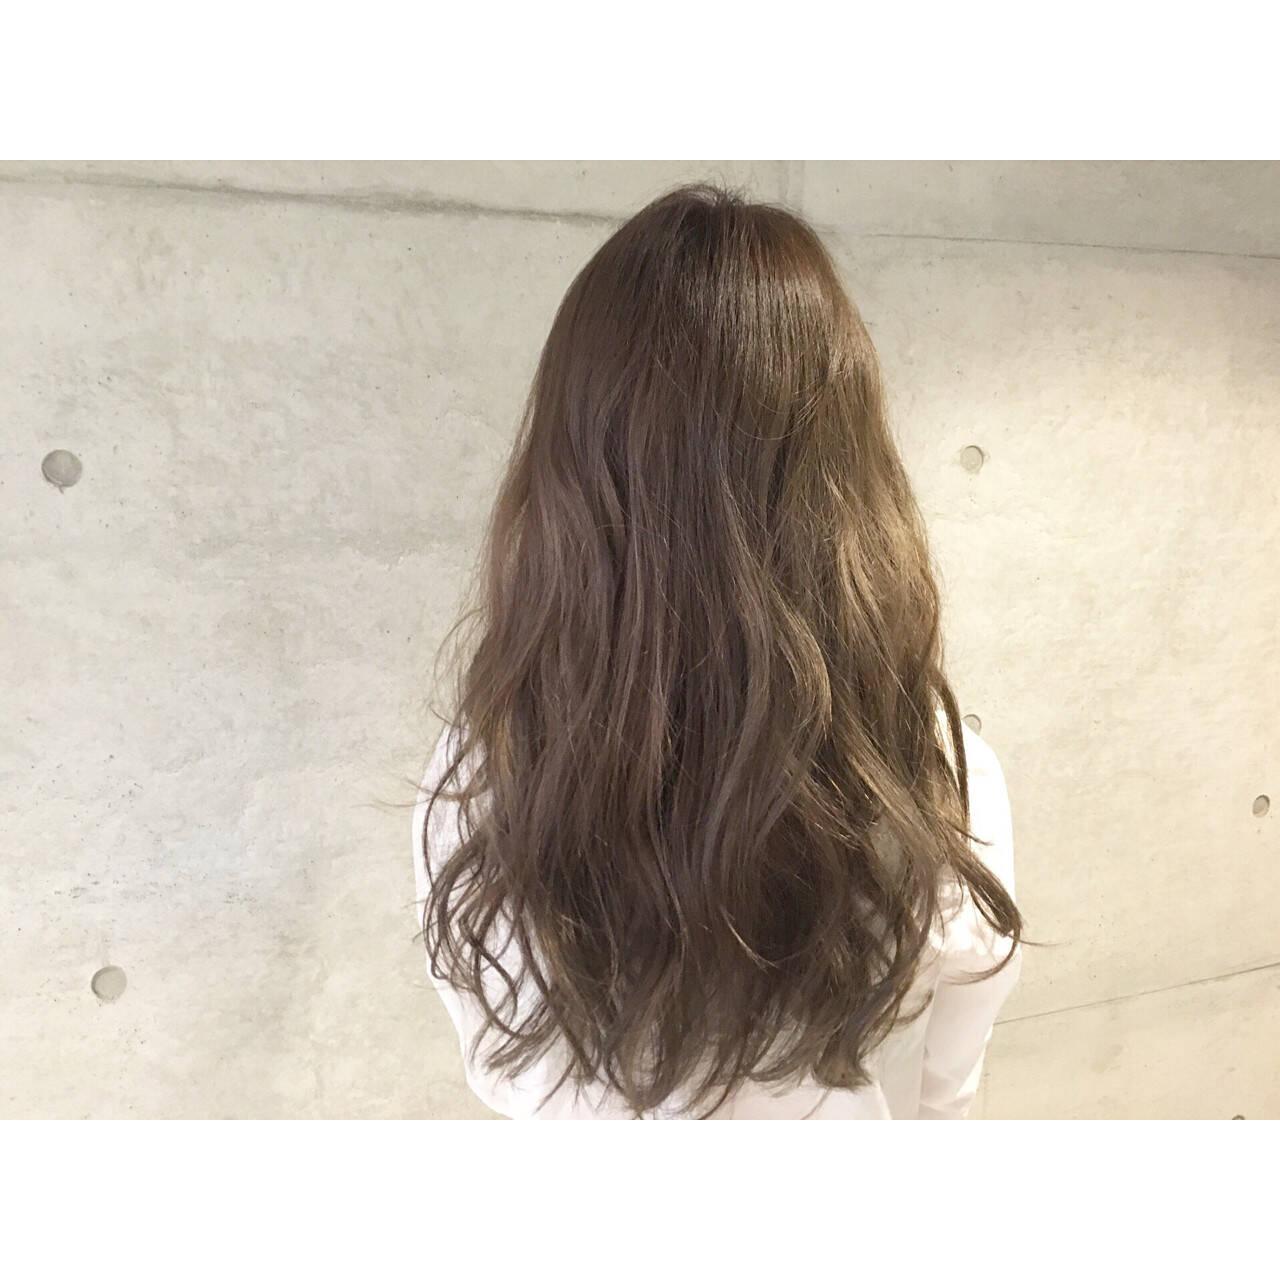 大人かわいい 外国人風 ナチュラル ロングヘアスタイルや髪型の写真・画像